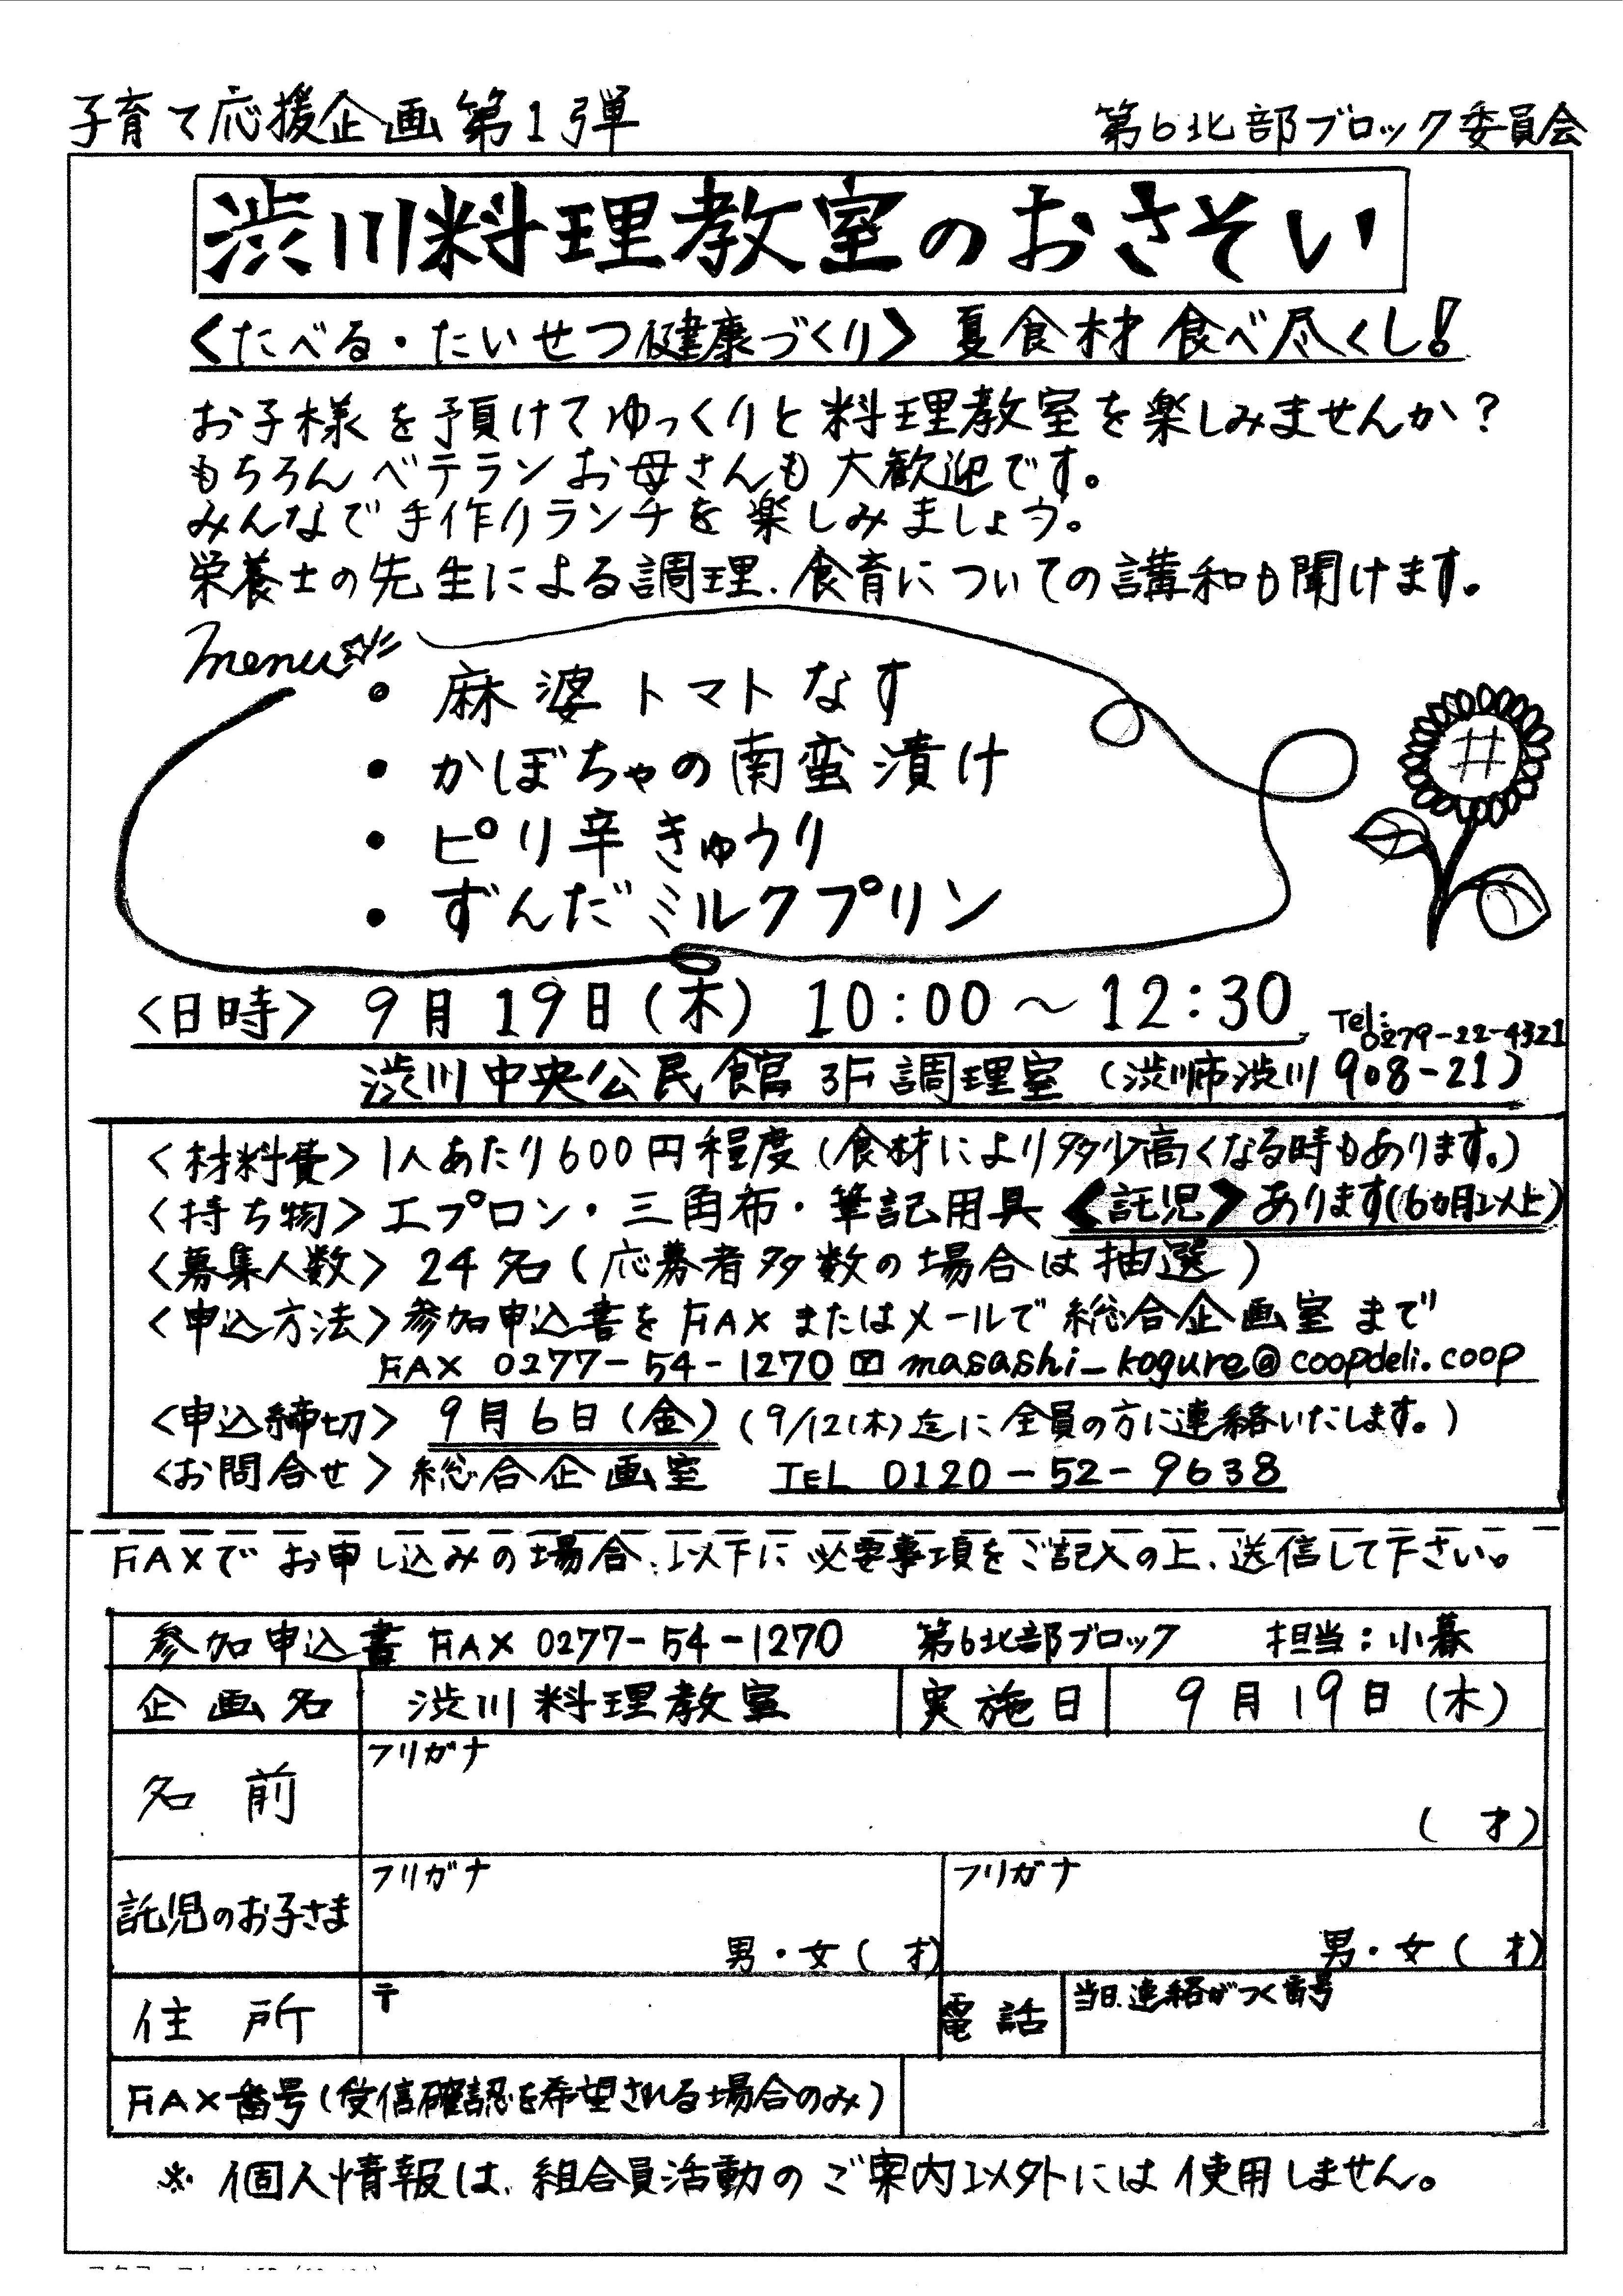 【第6北部ブロック】渋川料理教室を開催します